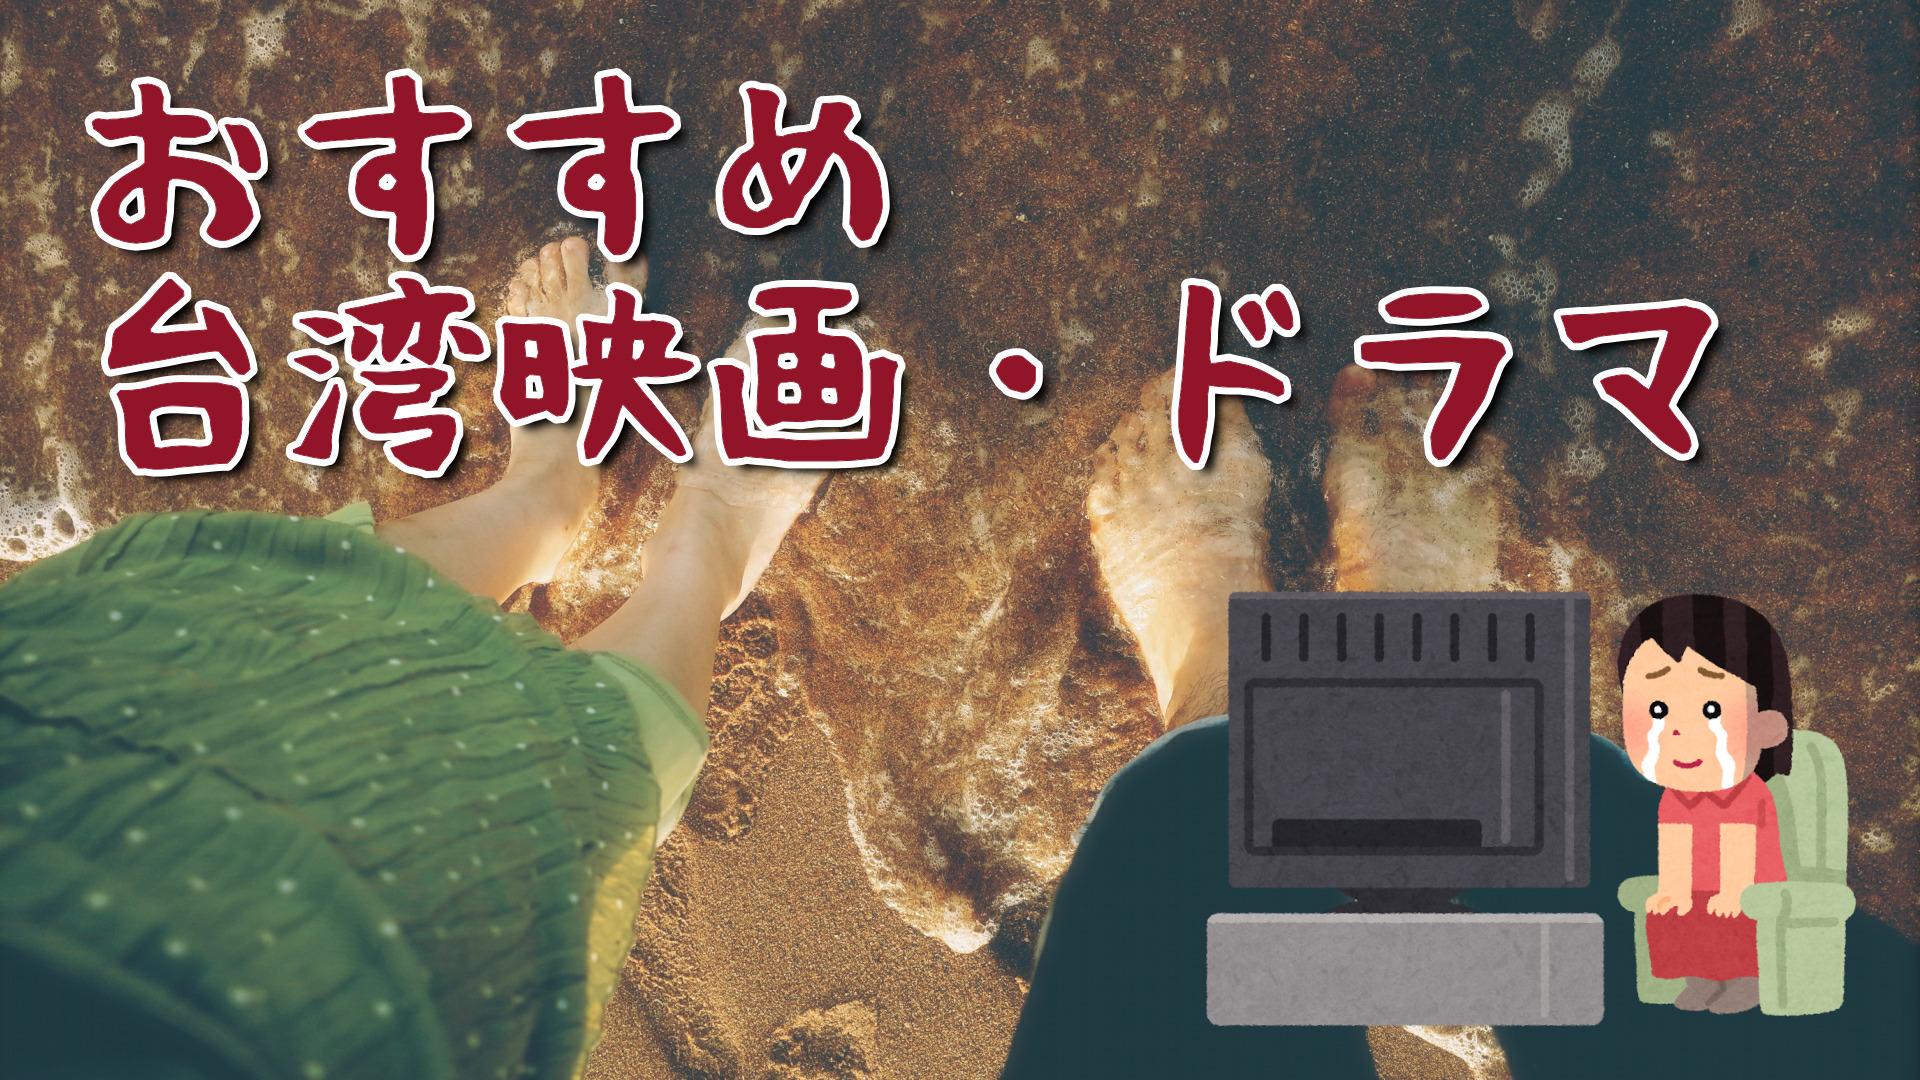 おすすめ台湾映画、ドラマ